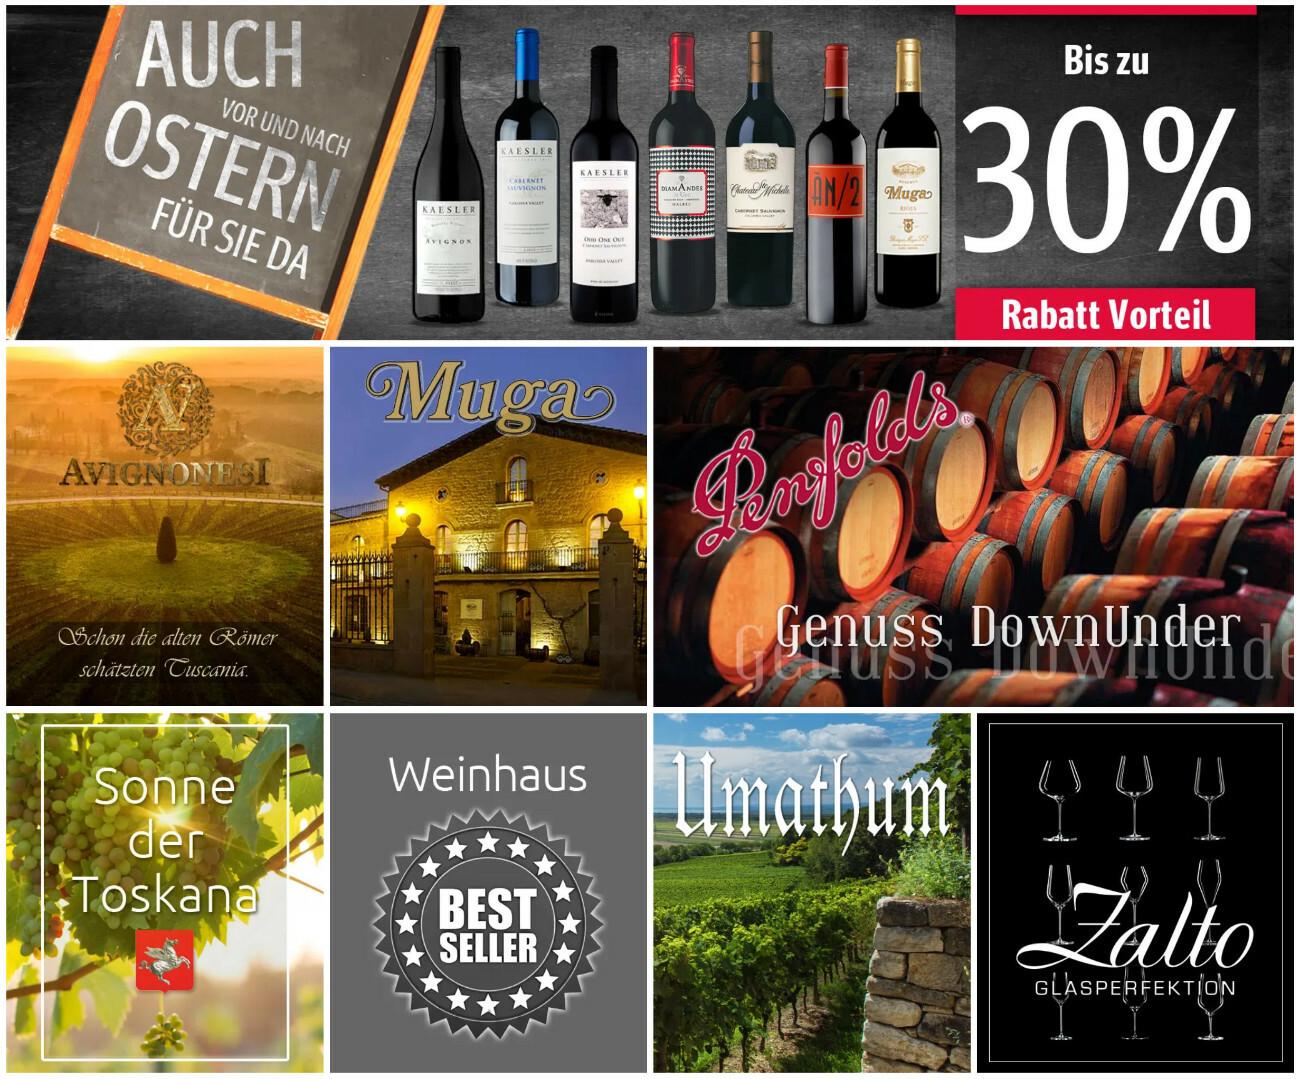 Winery Produktwelten